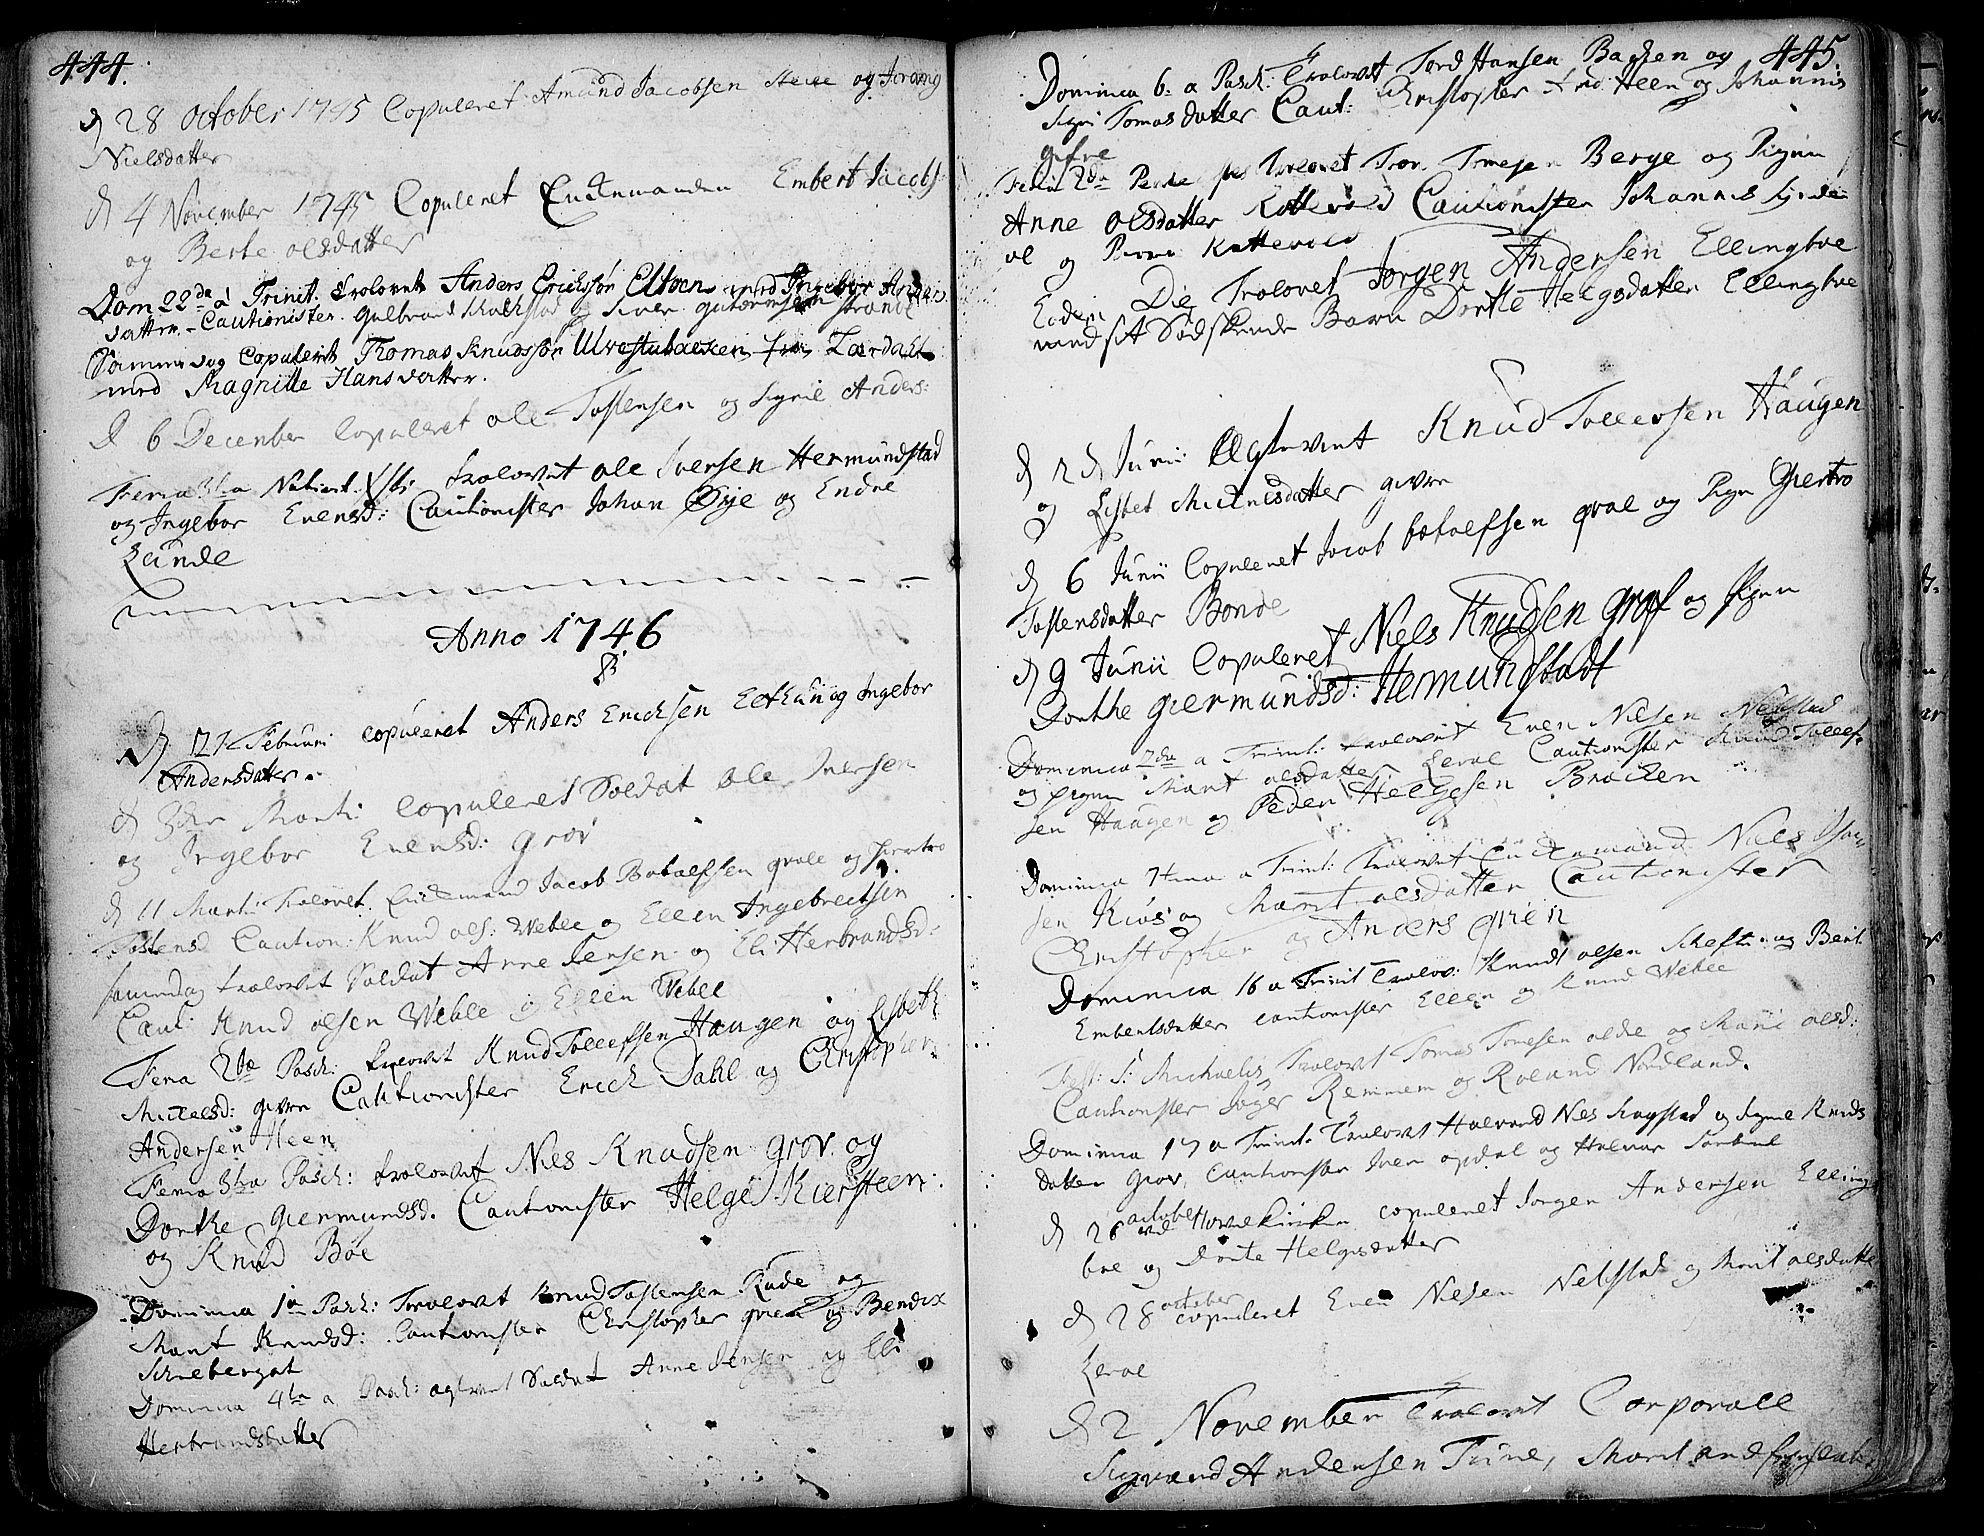 SAH, Vang prestekontor, Valdres, Ministerialbok nr. 1, 1730-1796, s. 444-445